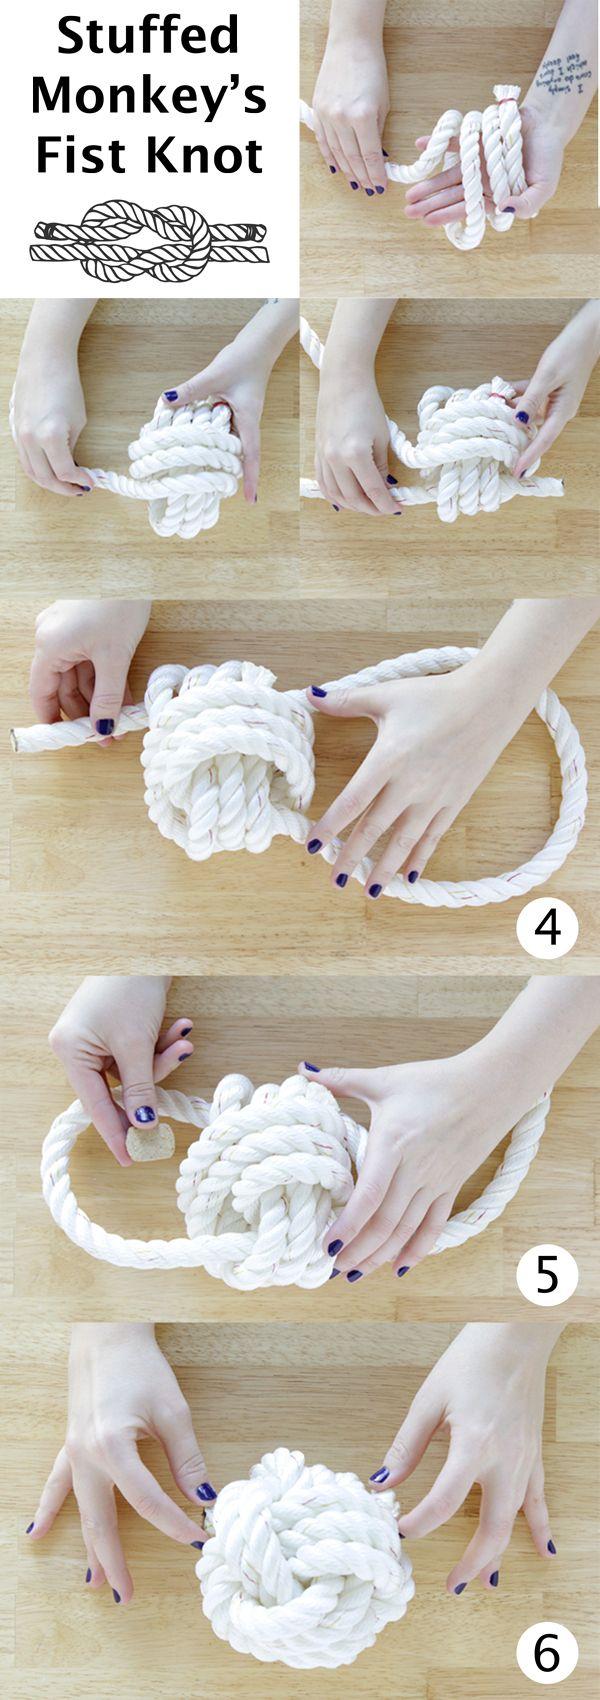 La balle en corde surprise | Animalblog